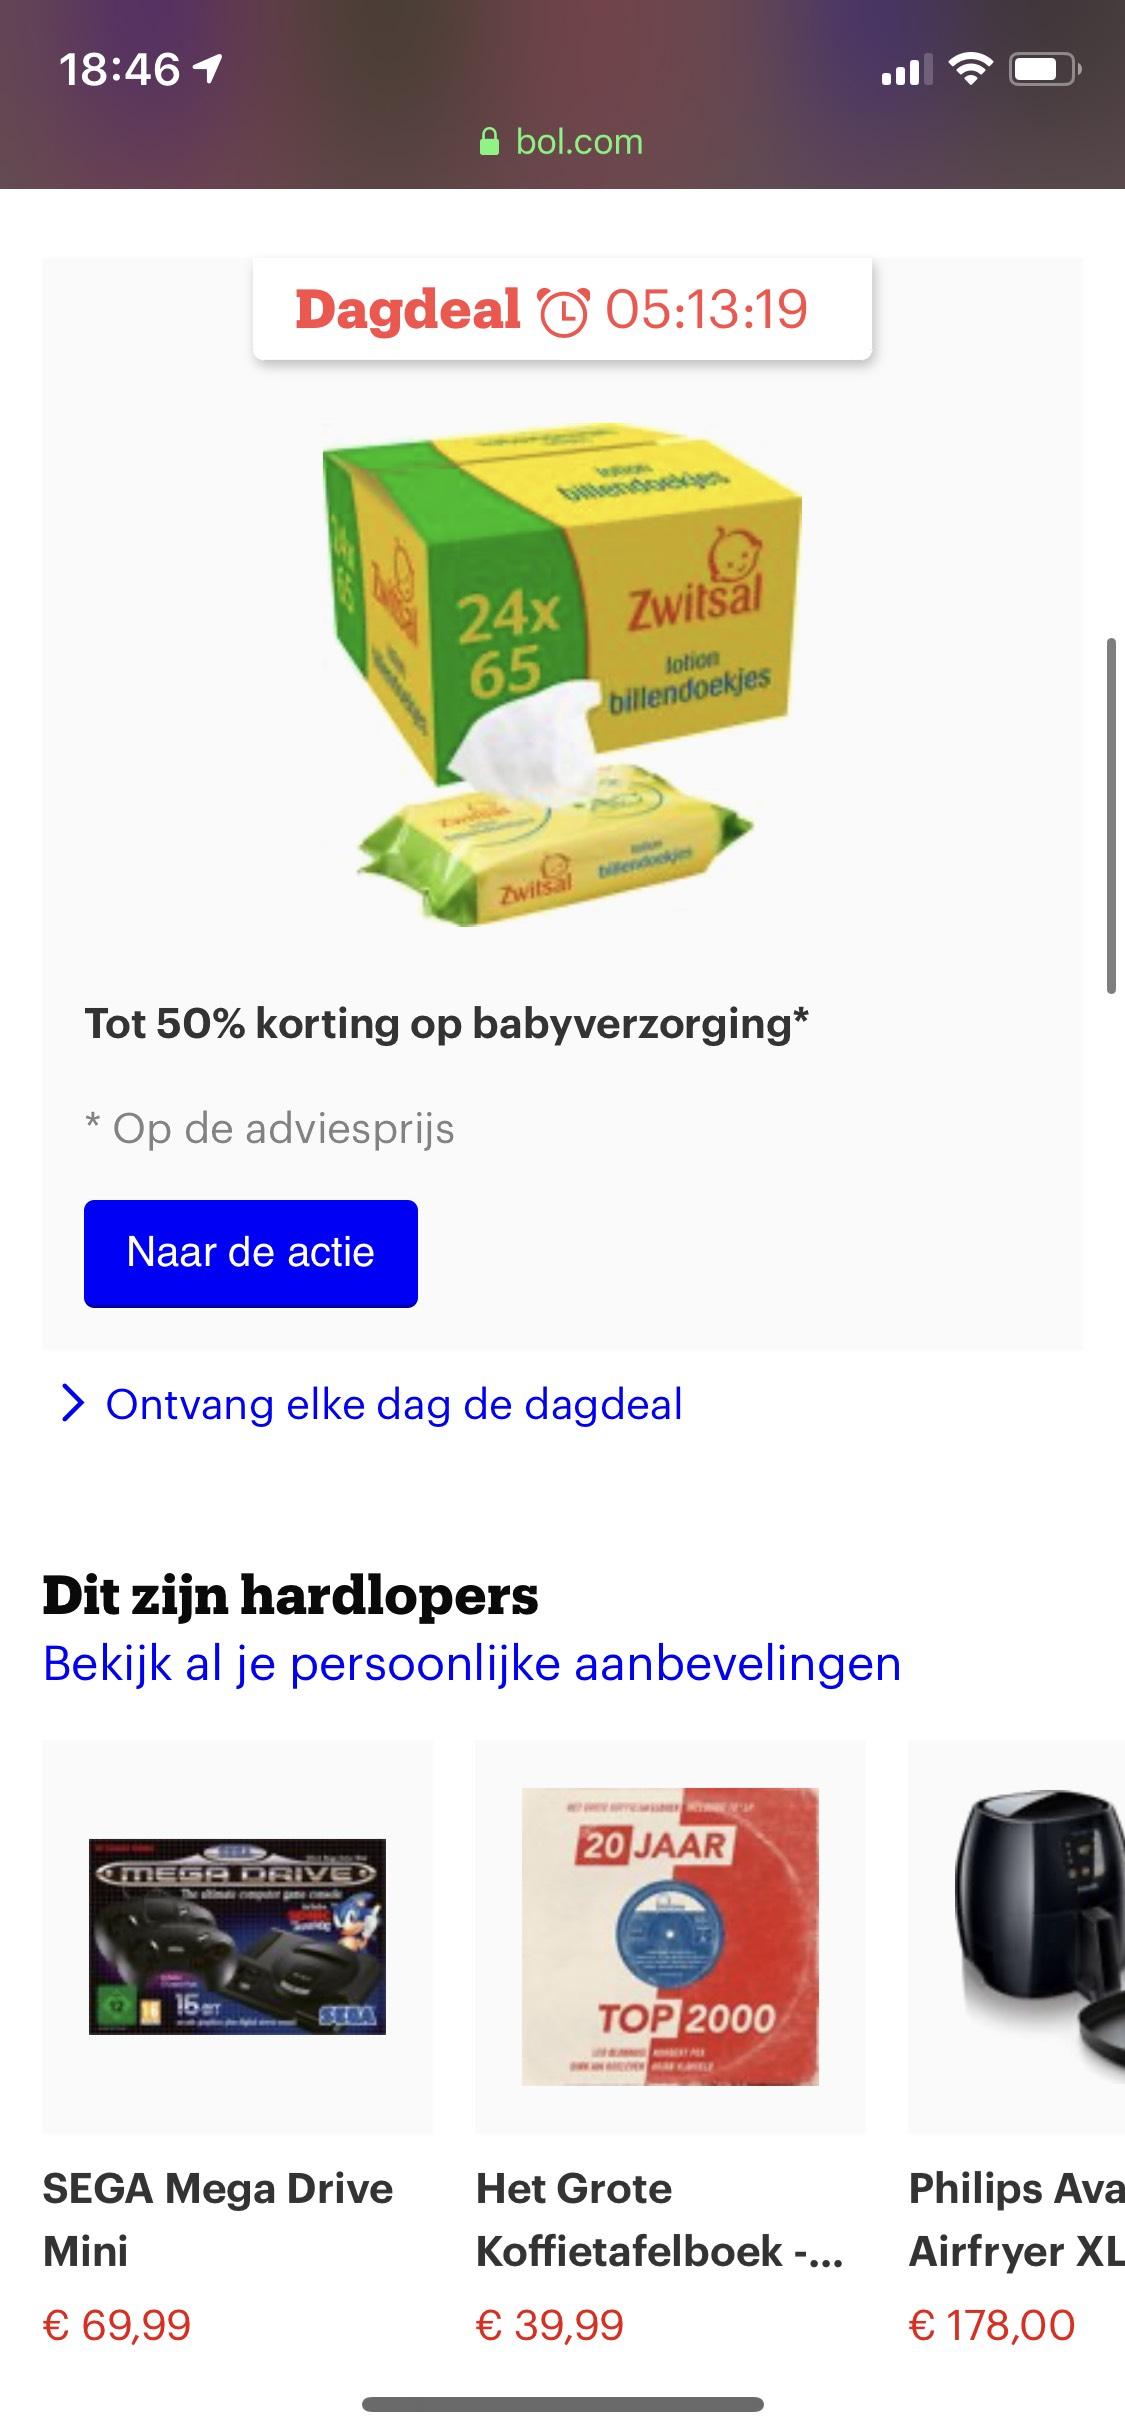 Tot 50% korting op babyverzorging bij Bol.com